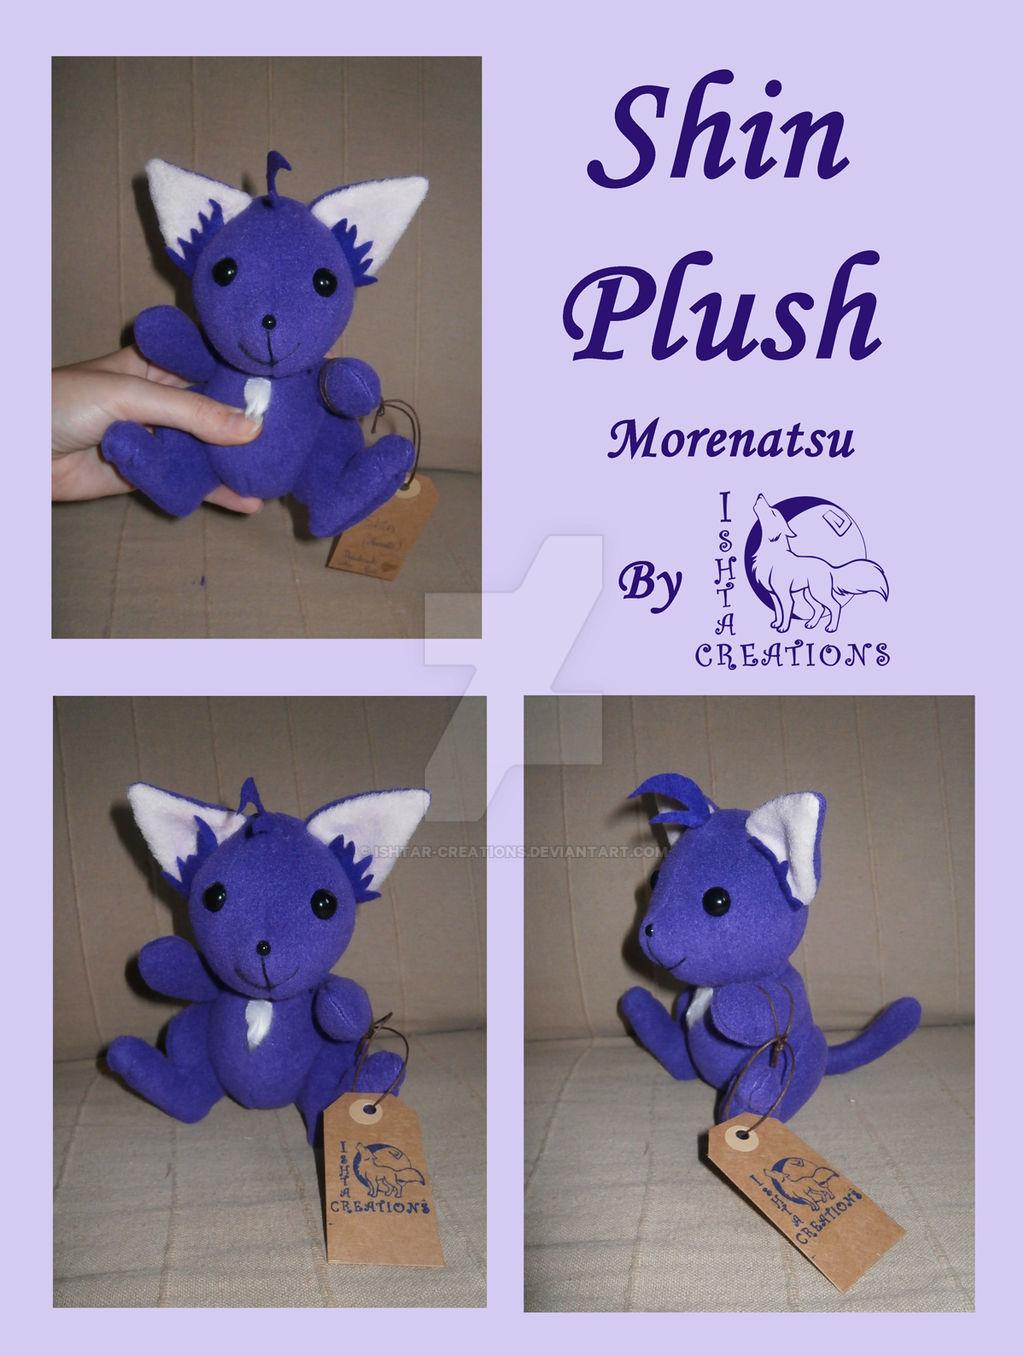 Shin Morenatsu chibi plush